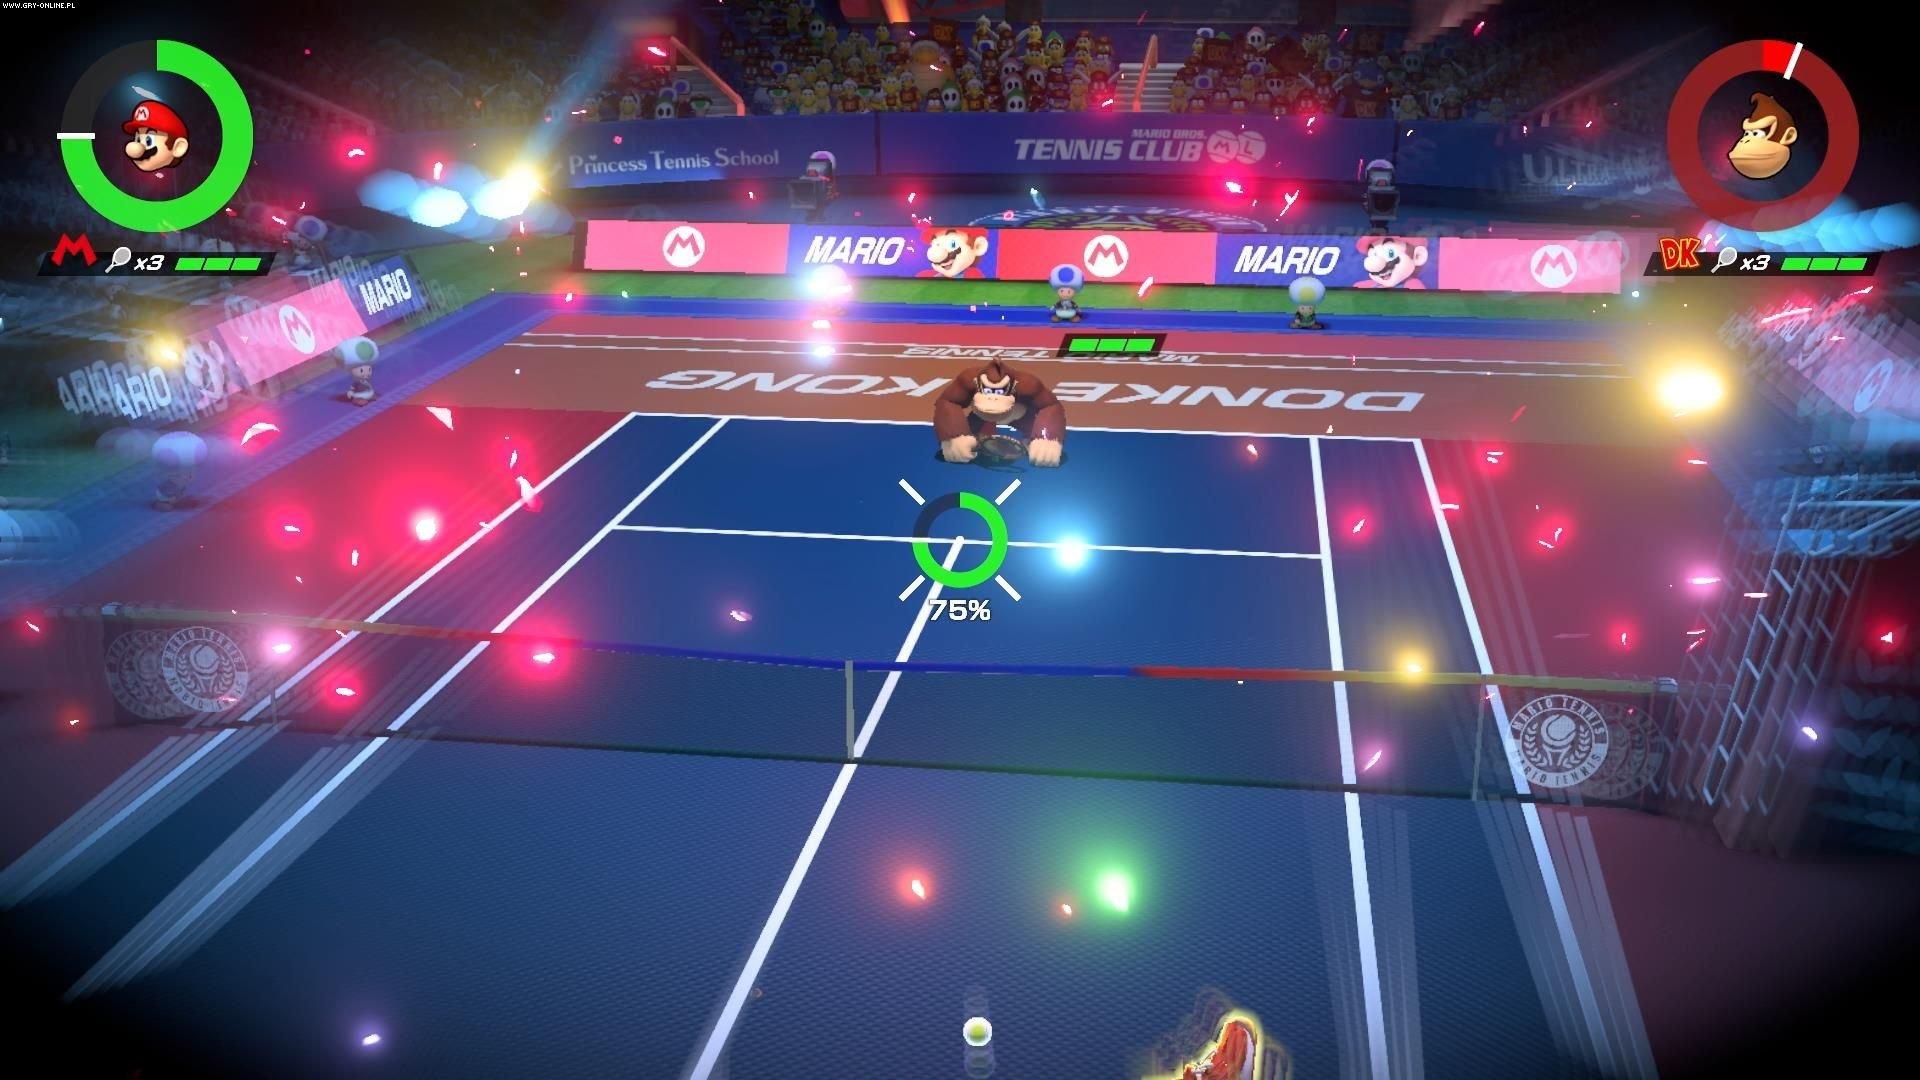 Mario Tennis Aces Screen3.jpg